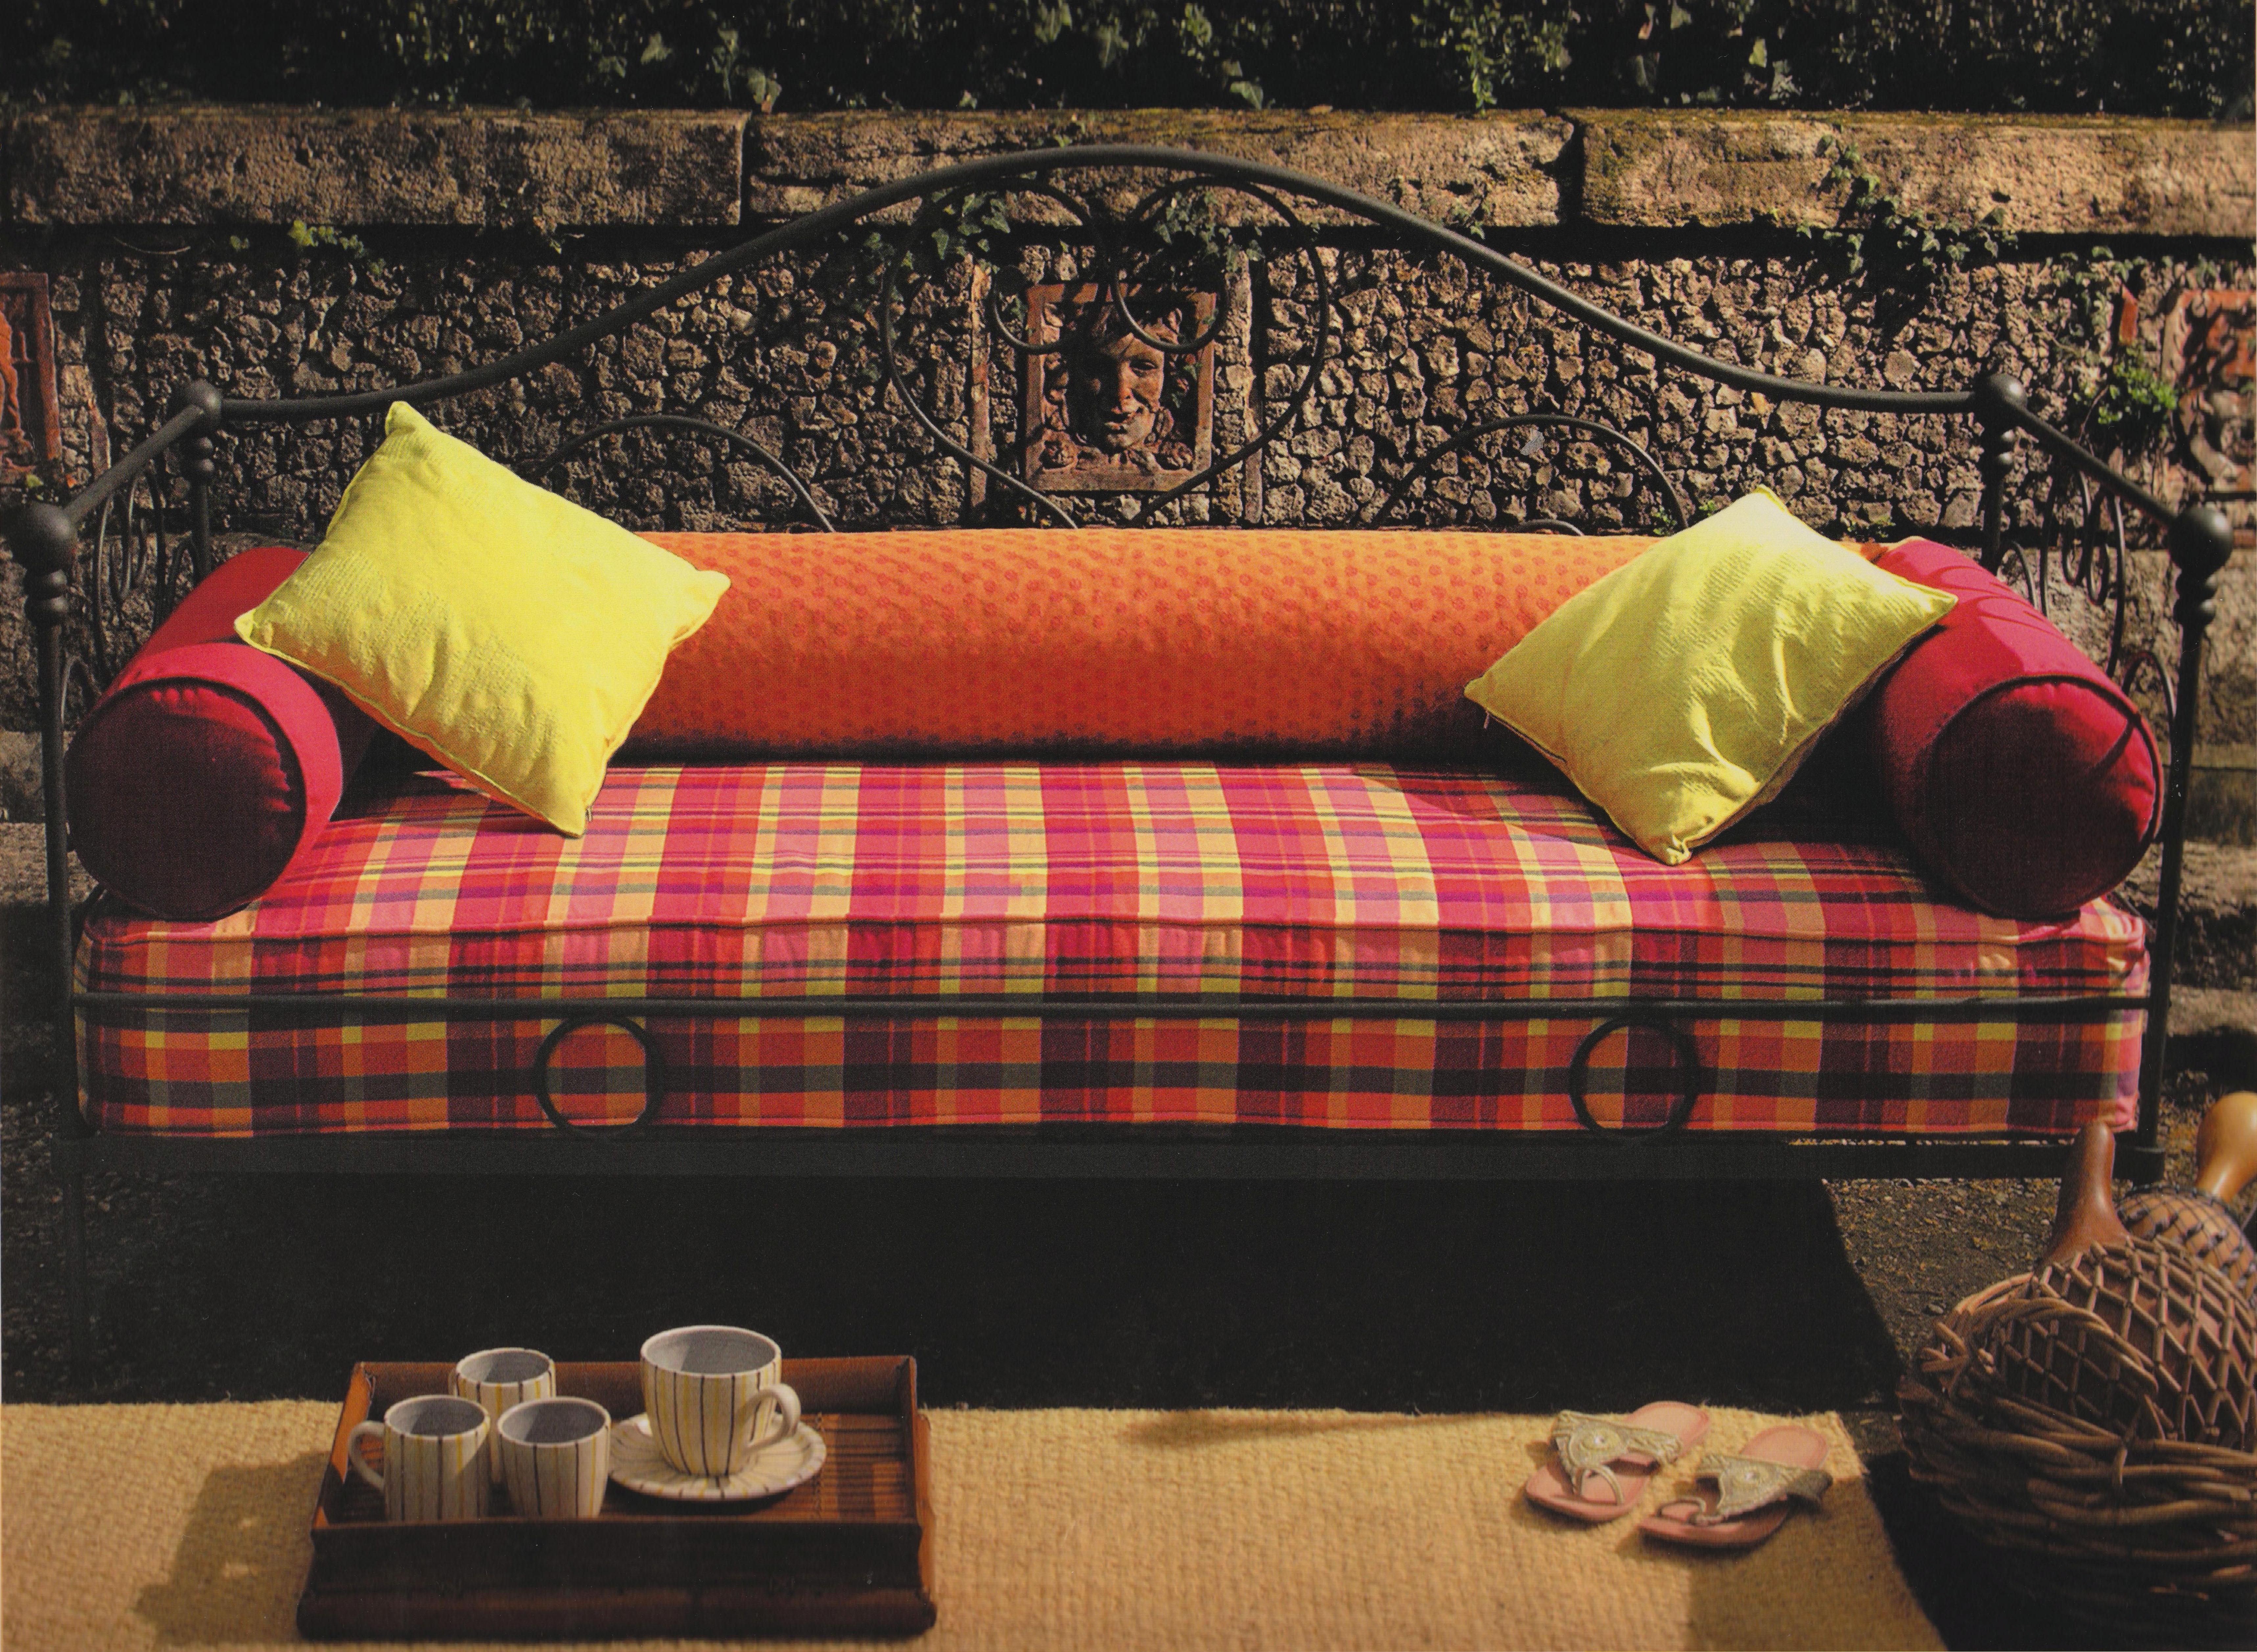 Haz un cambio a tu terraza cambia los cojines villalba for Cojines para hamacas